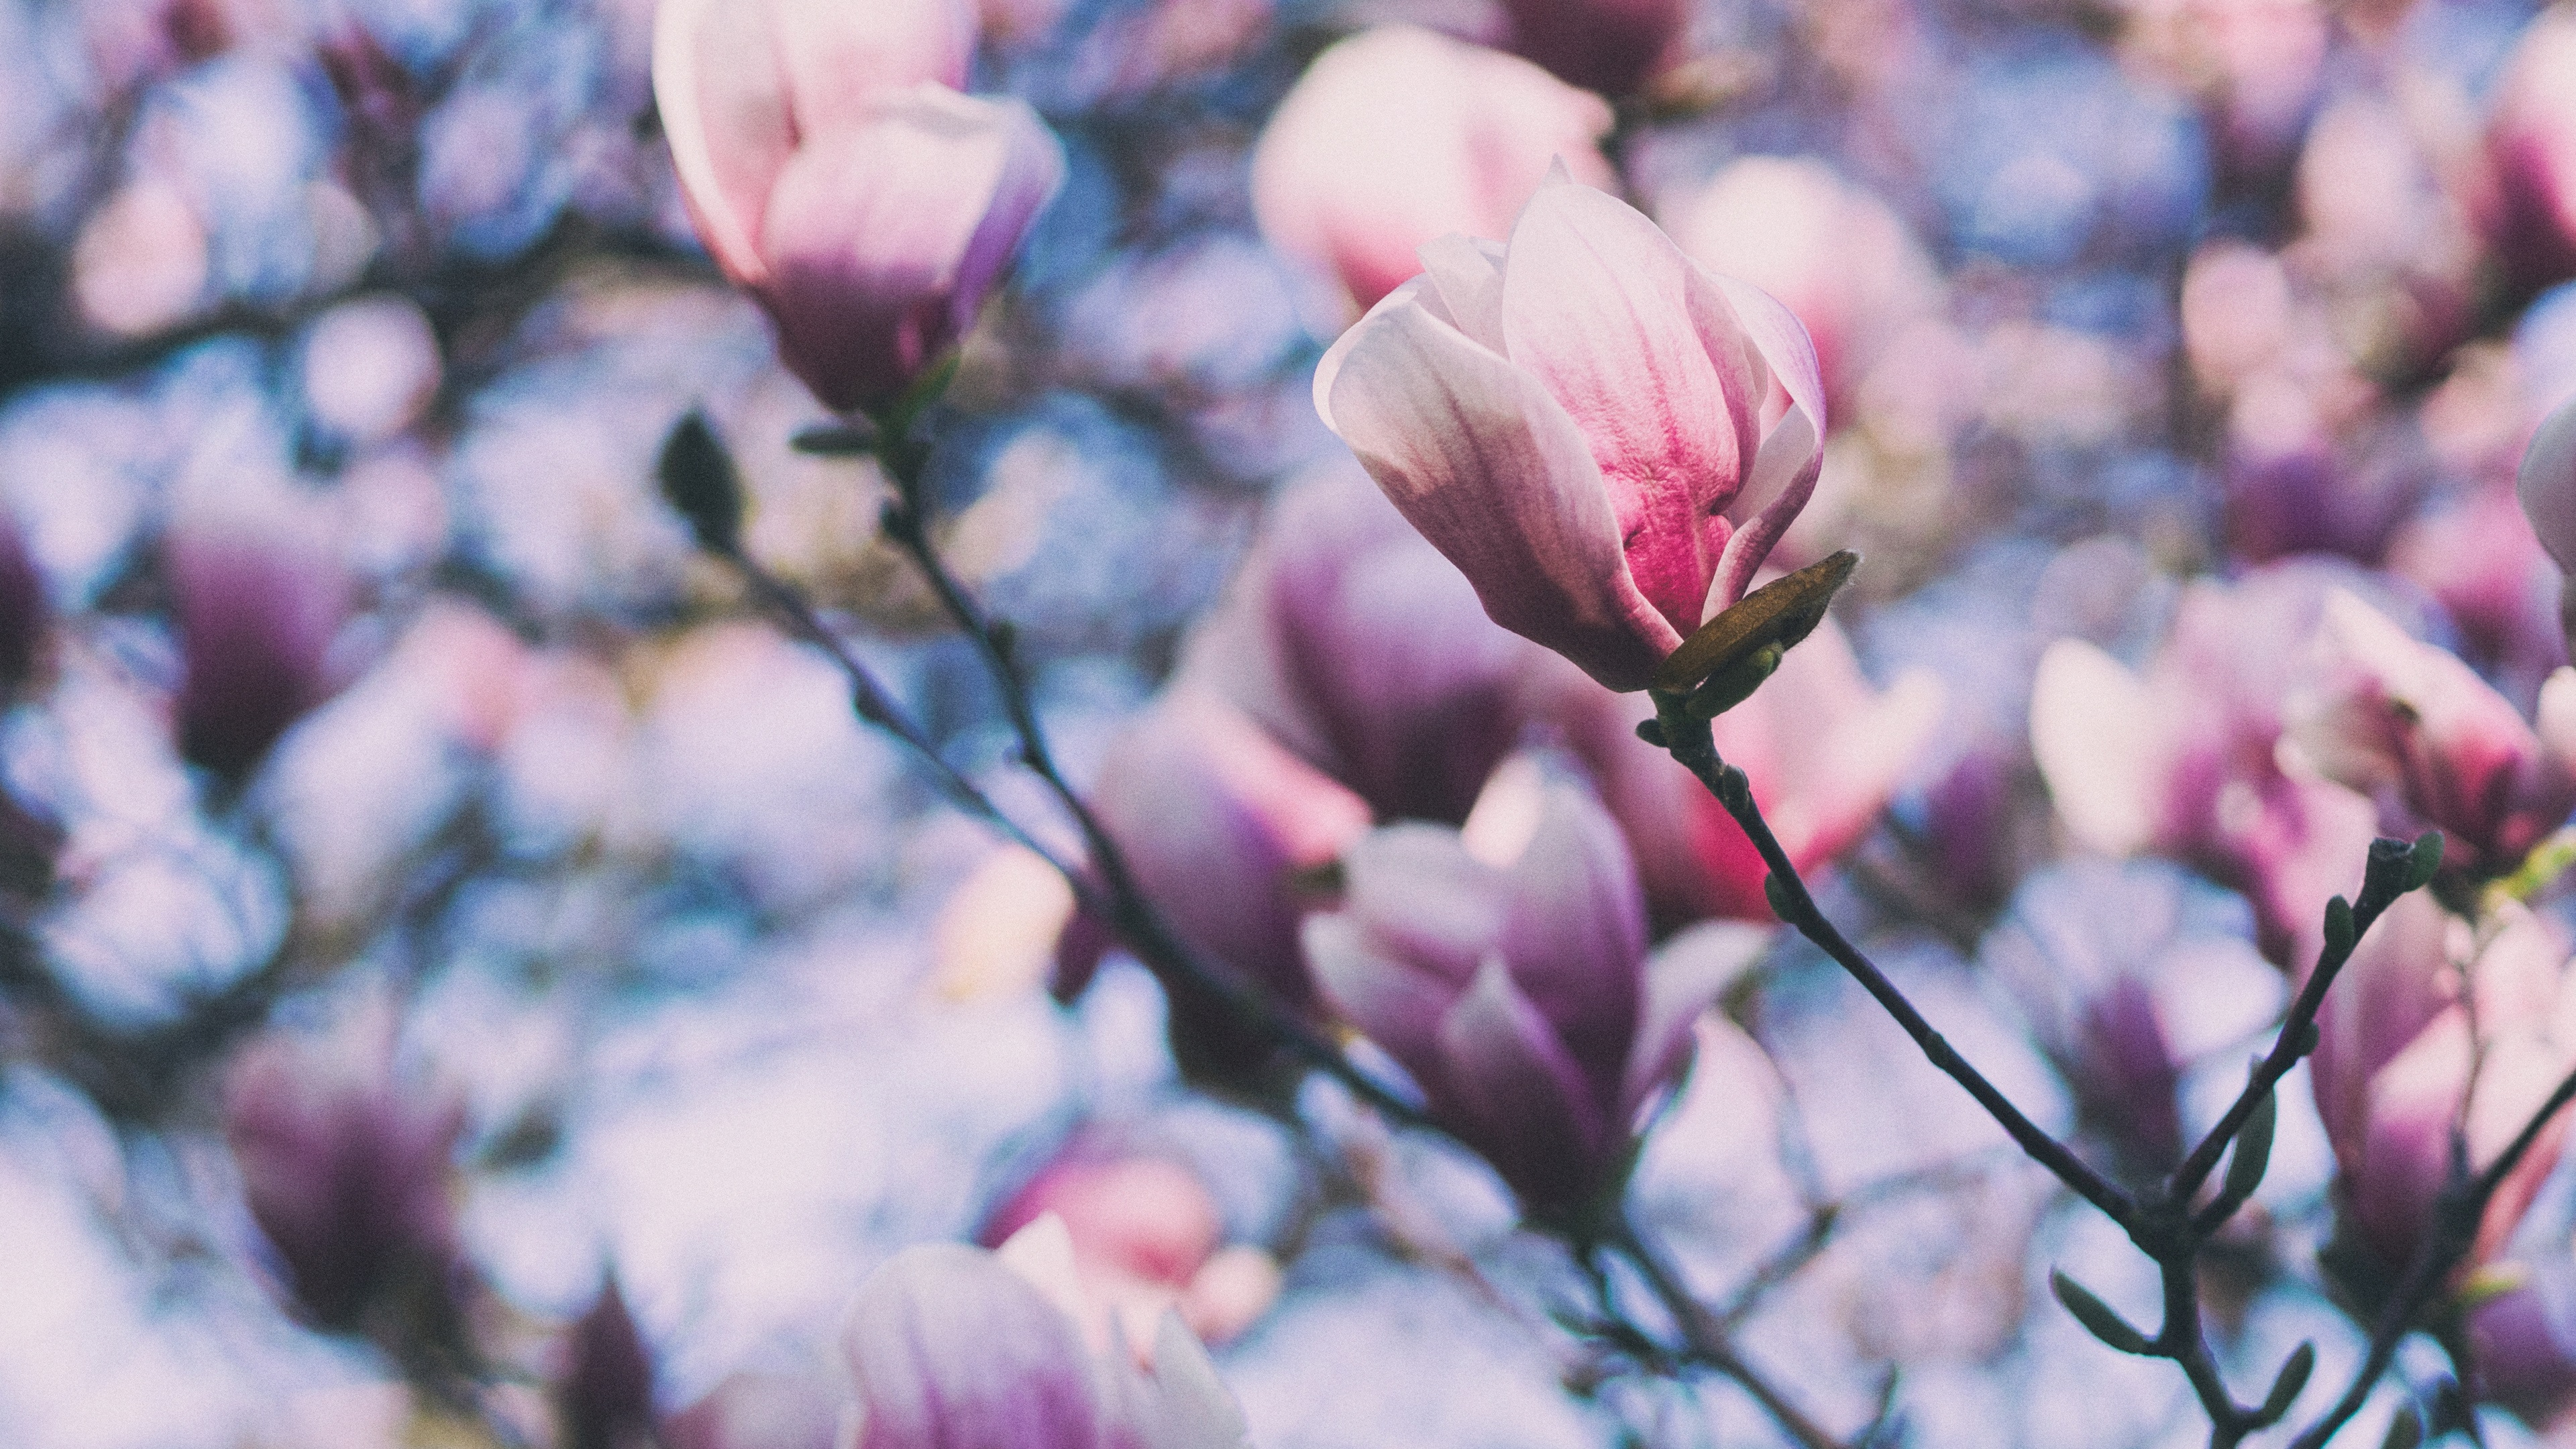 Фото цветов магнолии высокого разрешения